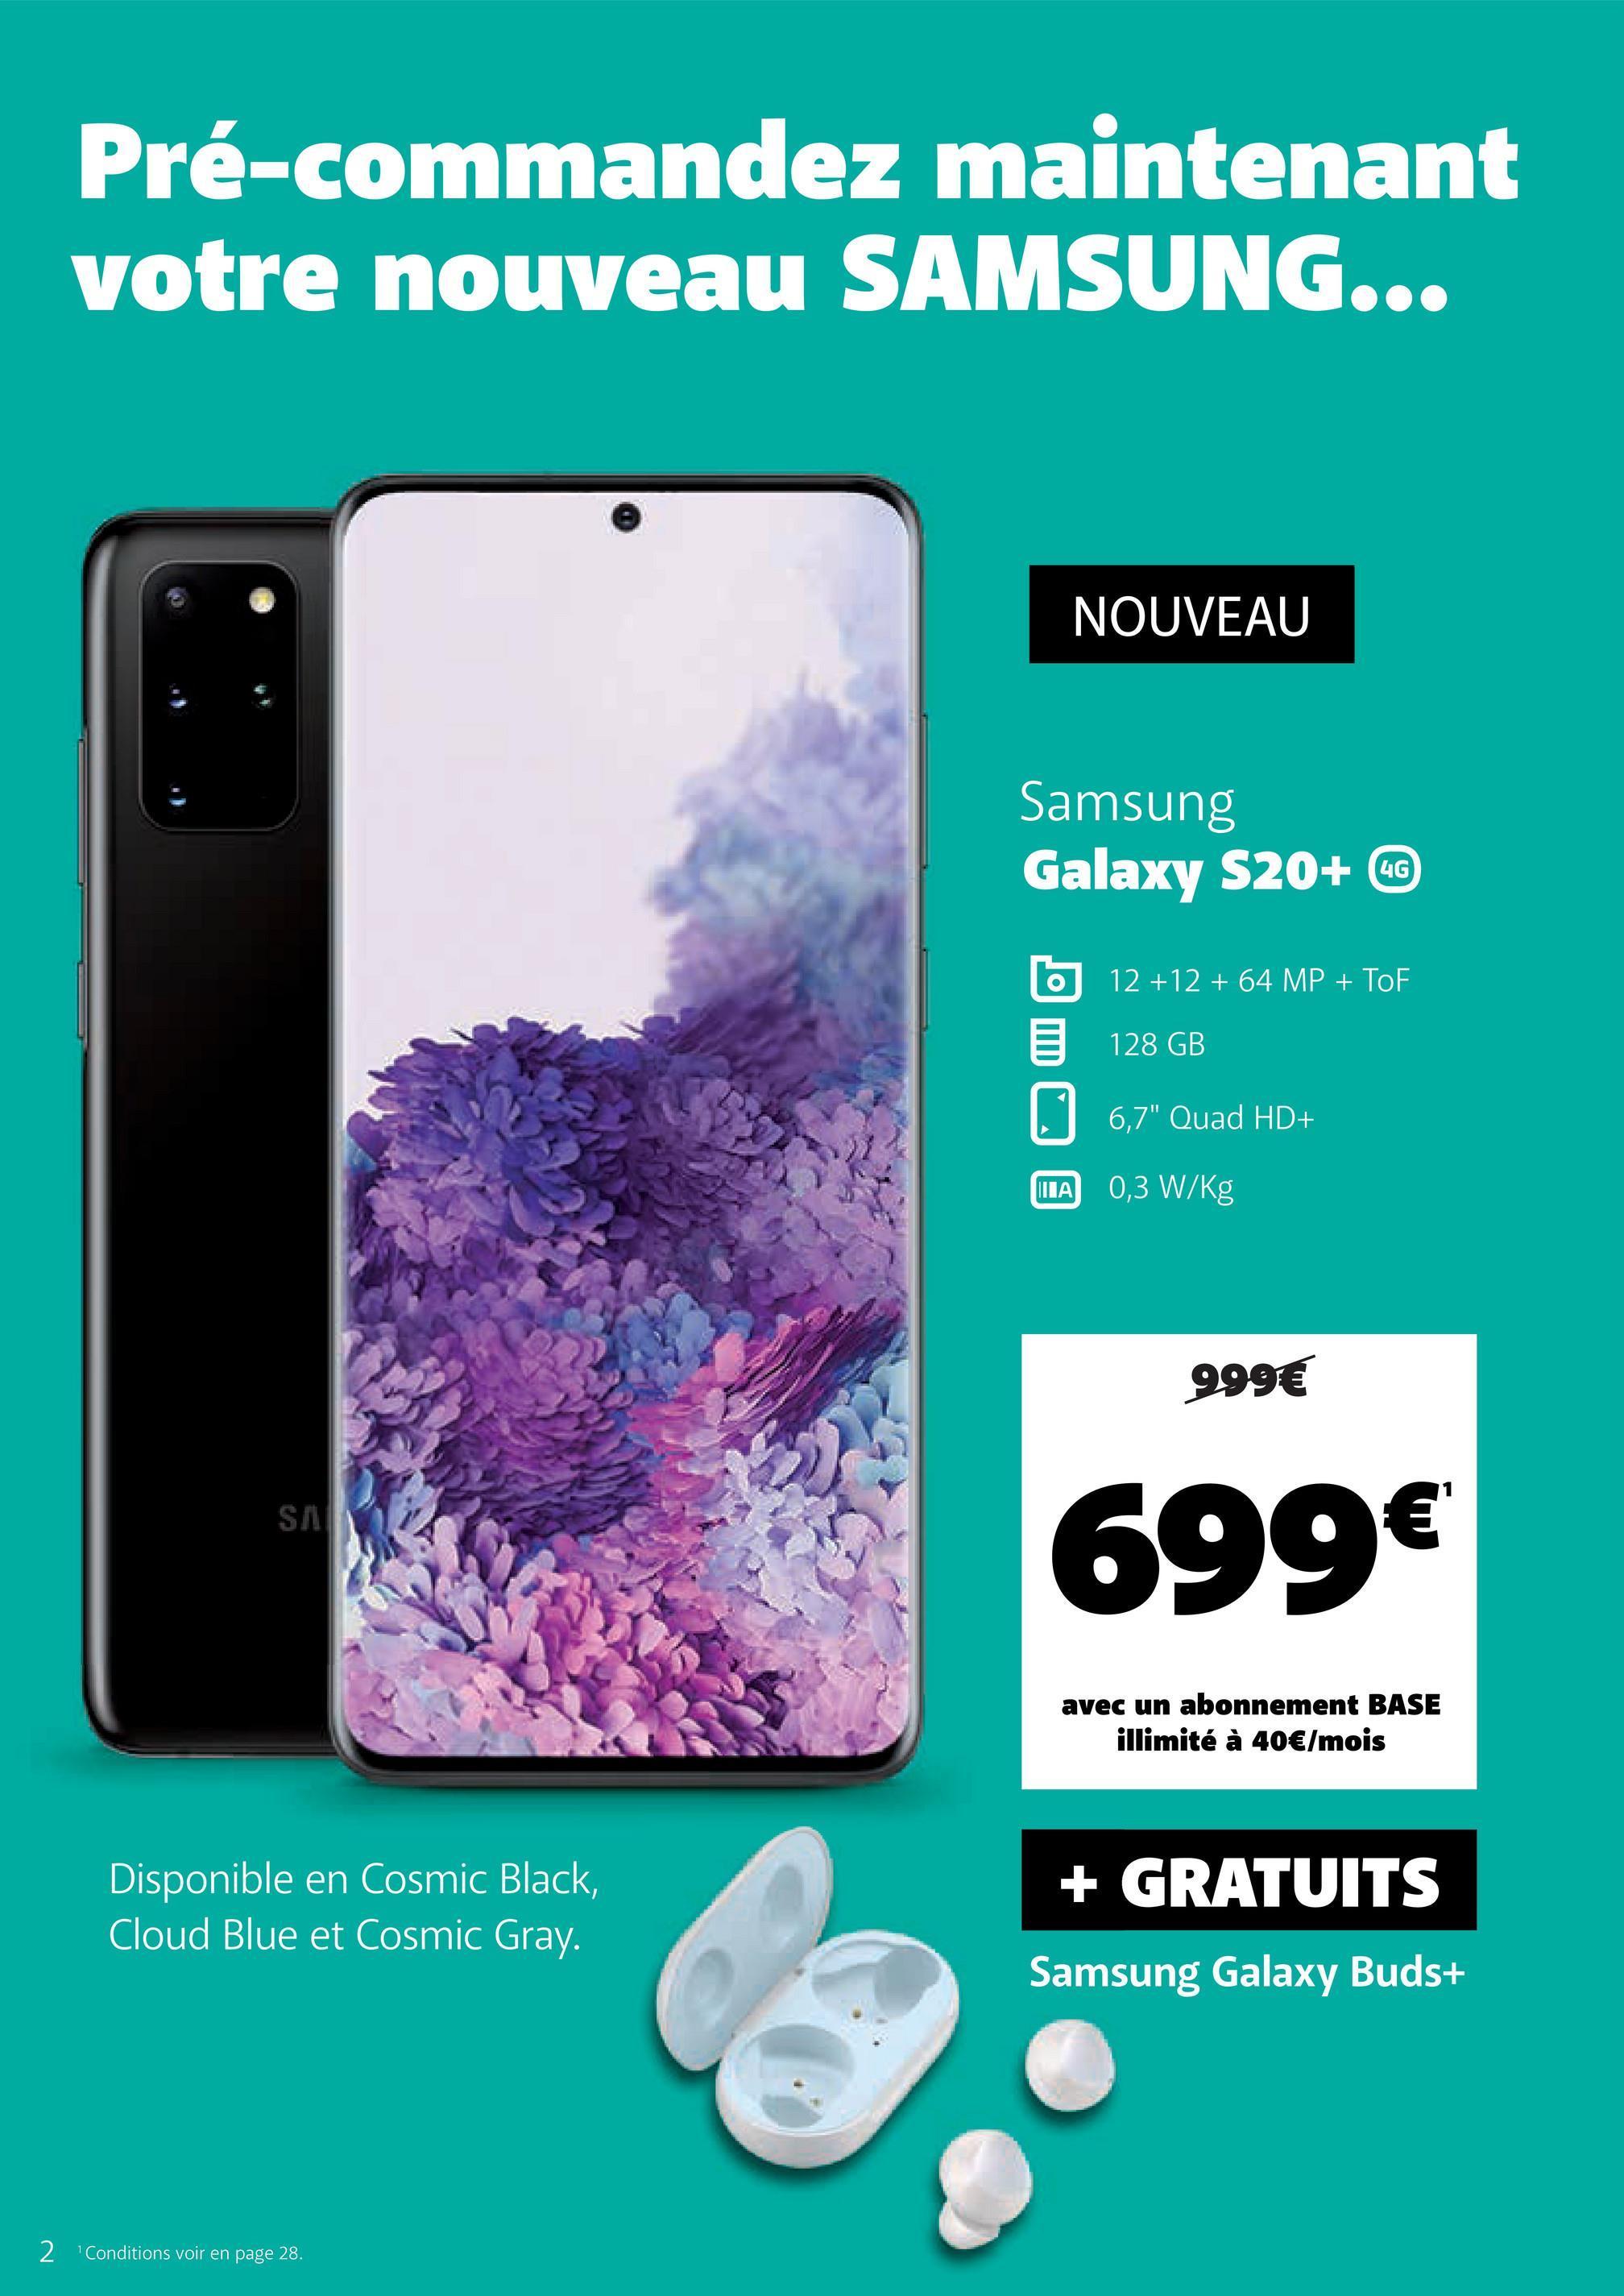 """Pré-commandez maintenant votre nouveau SAMSUNG... NOUVEAU Samsung Galaxy S20+ CC 12 +12 + 64 MP + TOF 128 GB 5 6,7"""" Quad HD+ WA 0,3 W/Kg MITA 999€ SM 699€ avec un abonnement BASE illimité à 40€/mois Disponible en Cosmic Black, Cloud Blue et Cosmic Gray. + GRATUITS Samsung Galaxy Buds+ 2 'Conditions voir en page 28."""